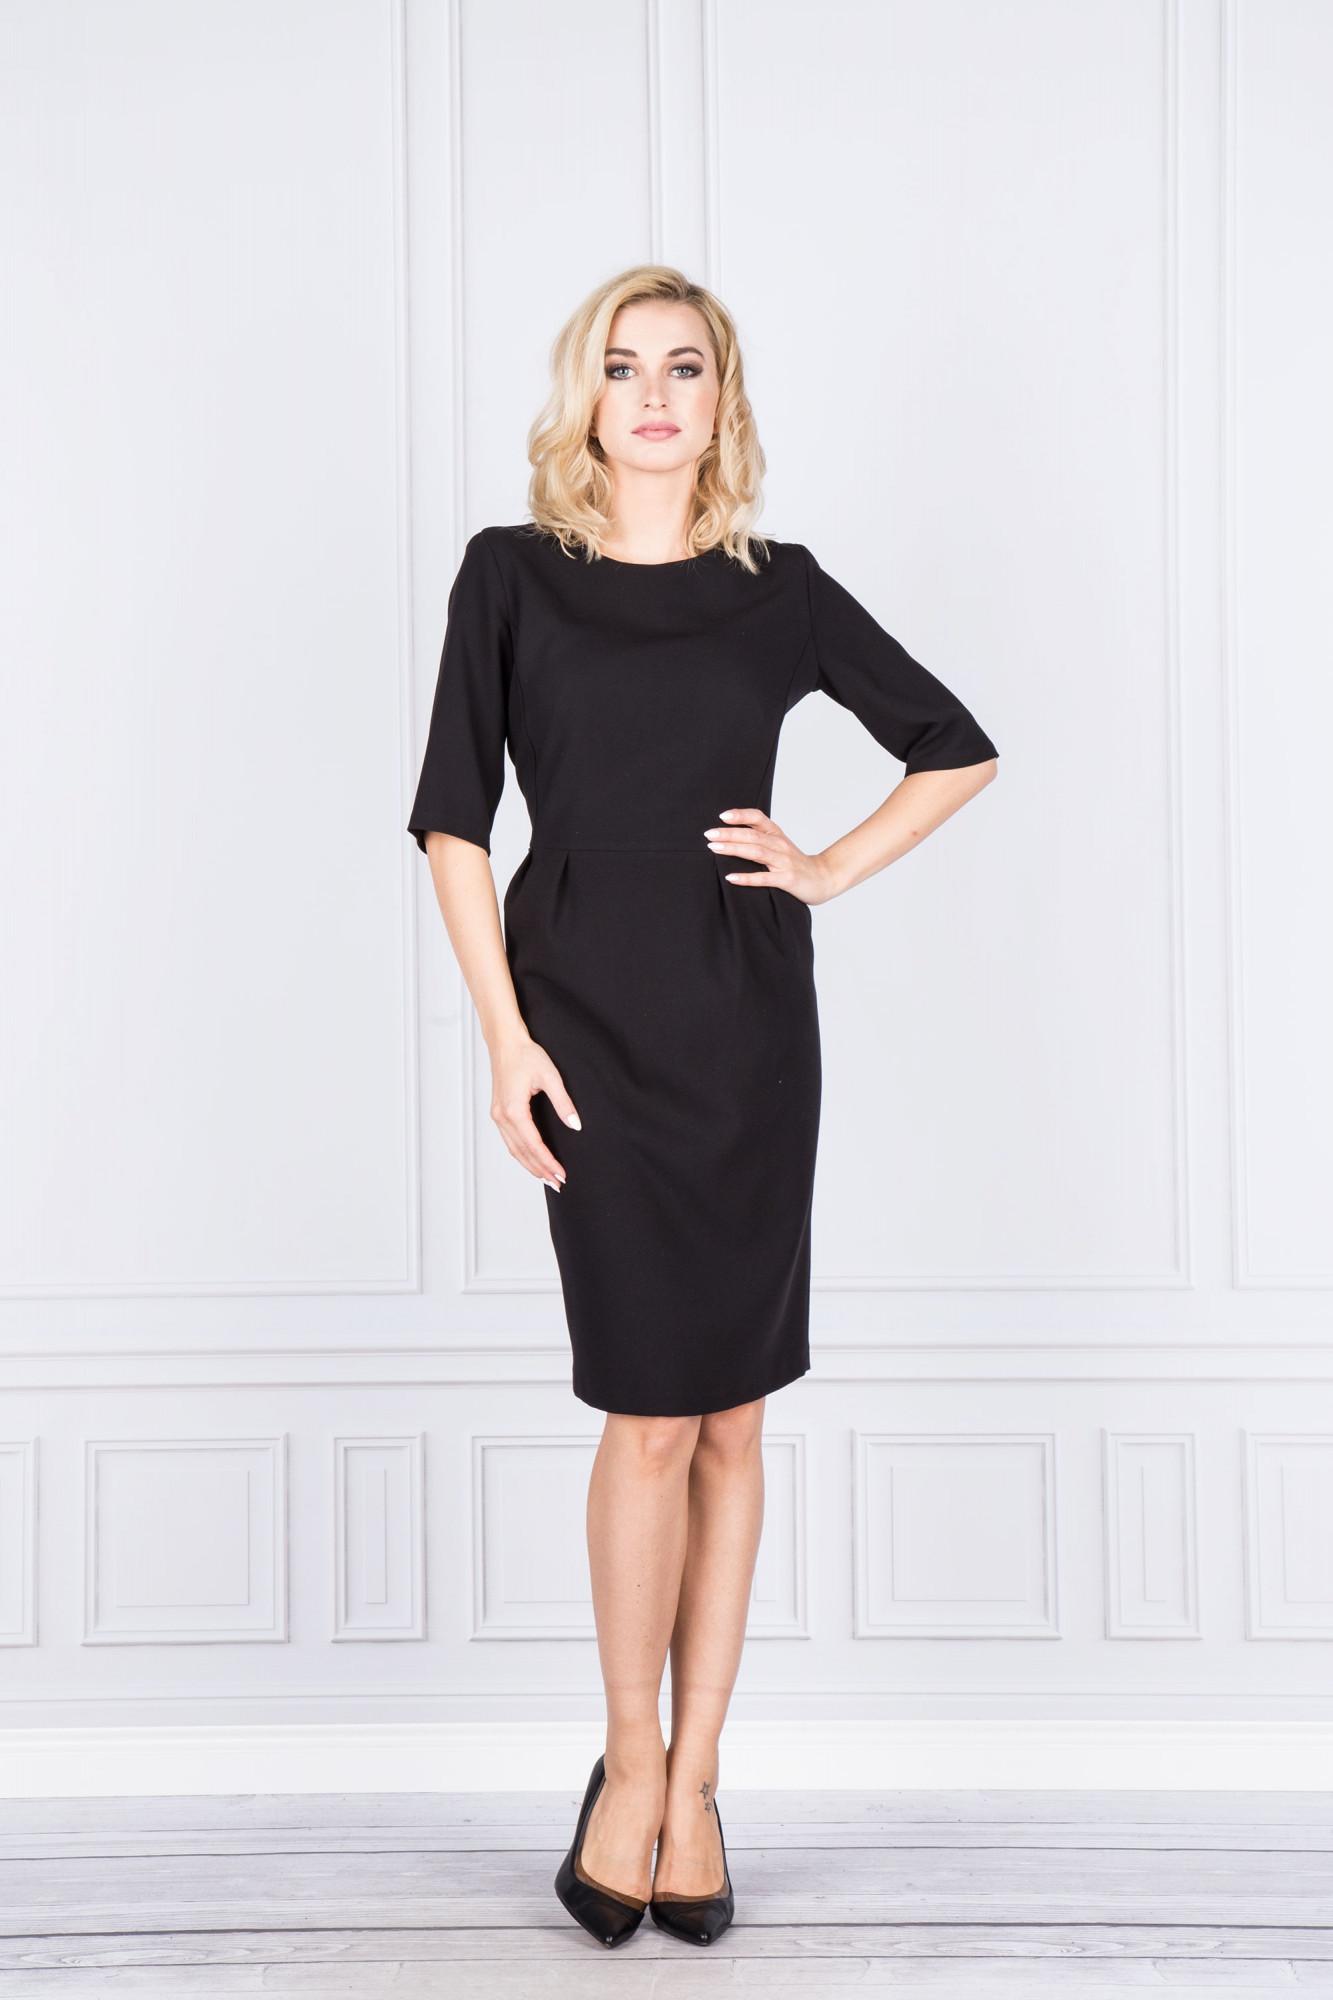 Dámské koktejlové šaty M37288 - FASONE Barva: černá, Velikost: 40